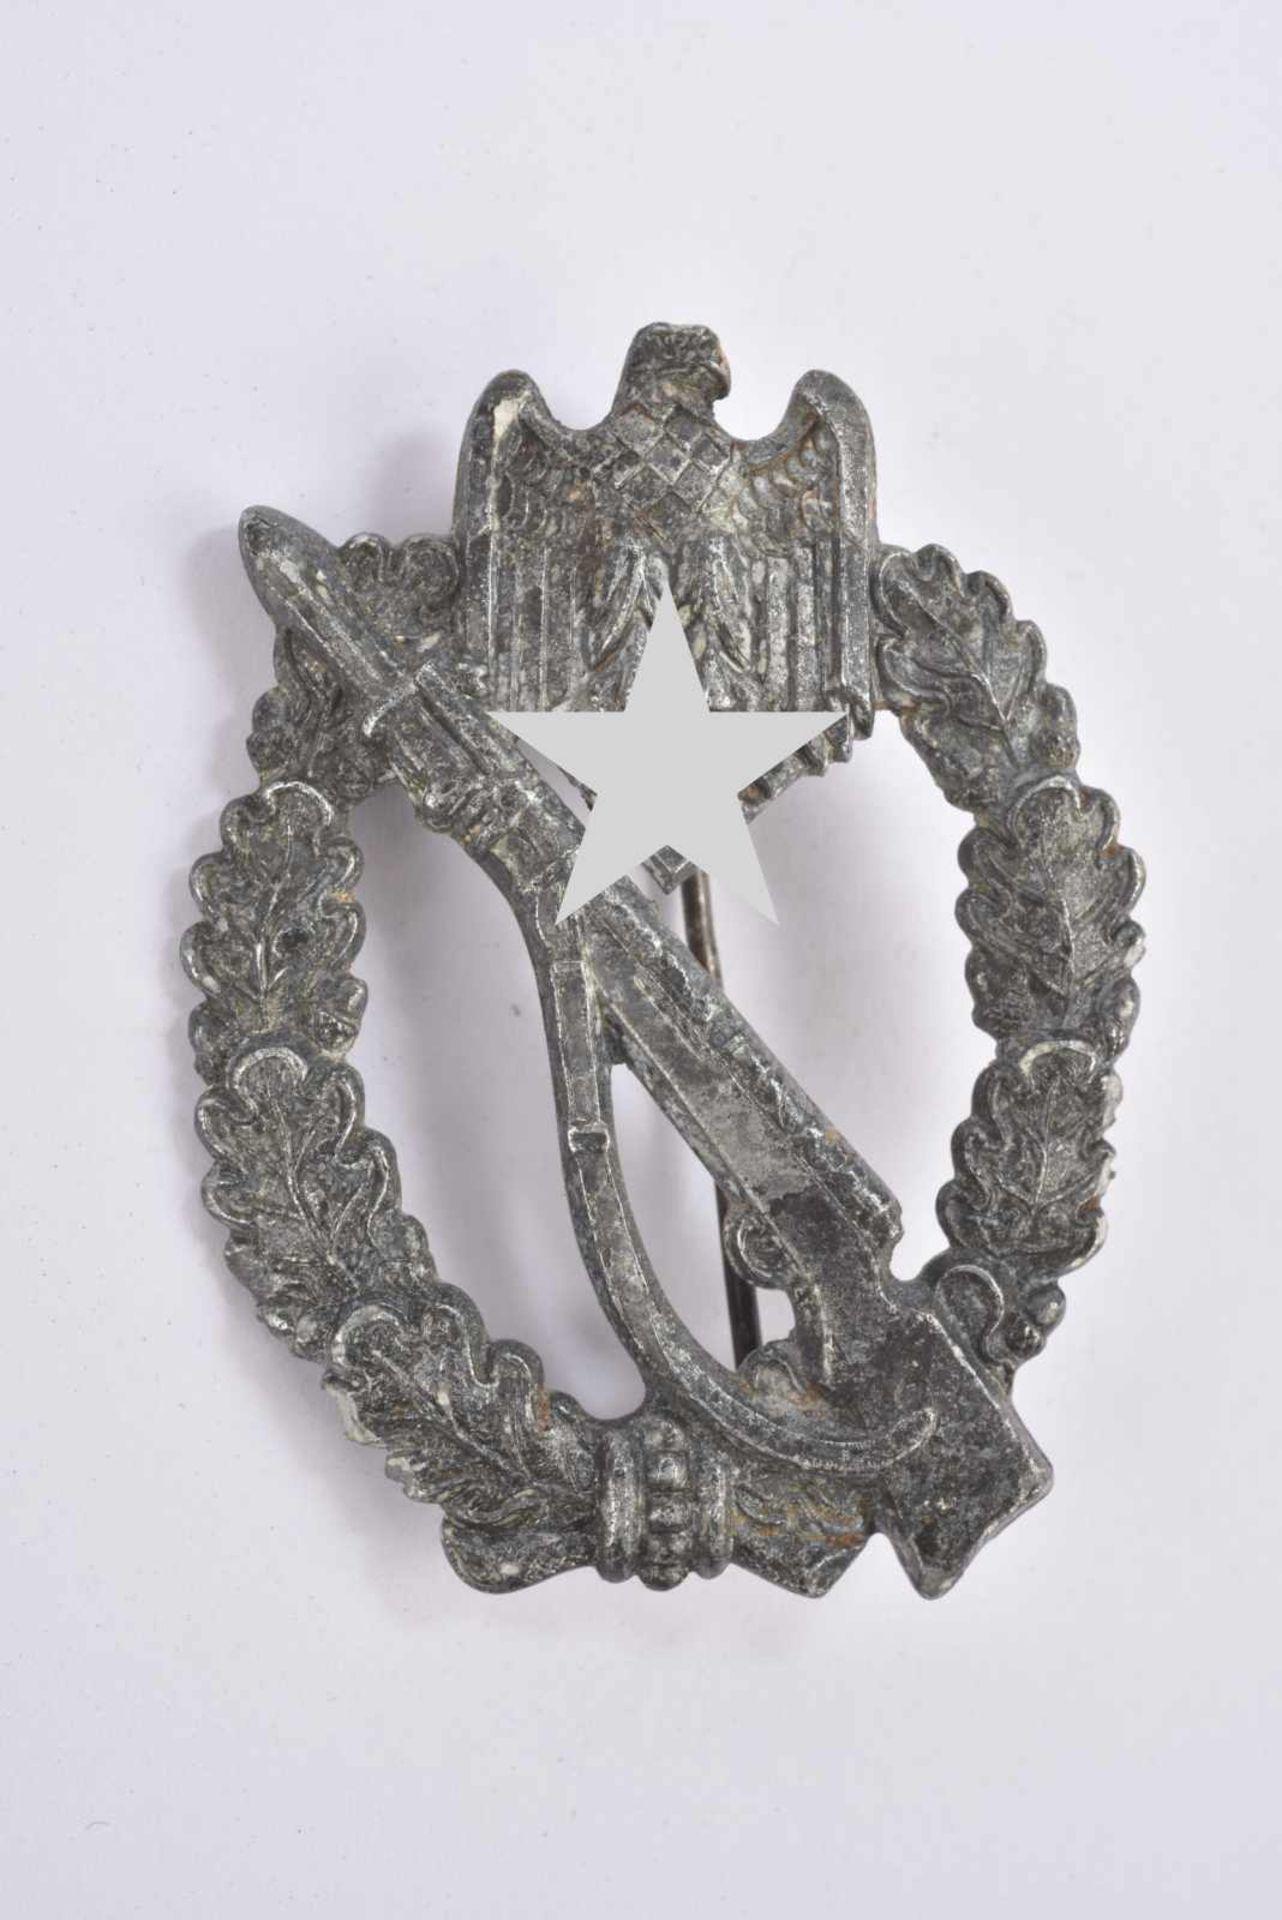 Infanterie Sturmabzeichen. En métal argenté, le système de fixation est complet. Nom du fabricant